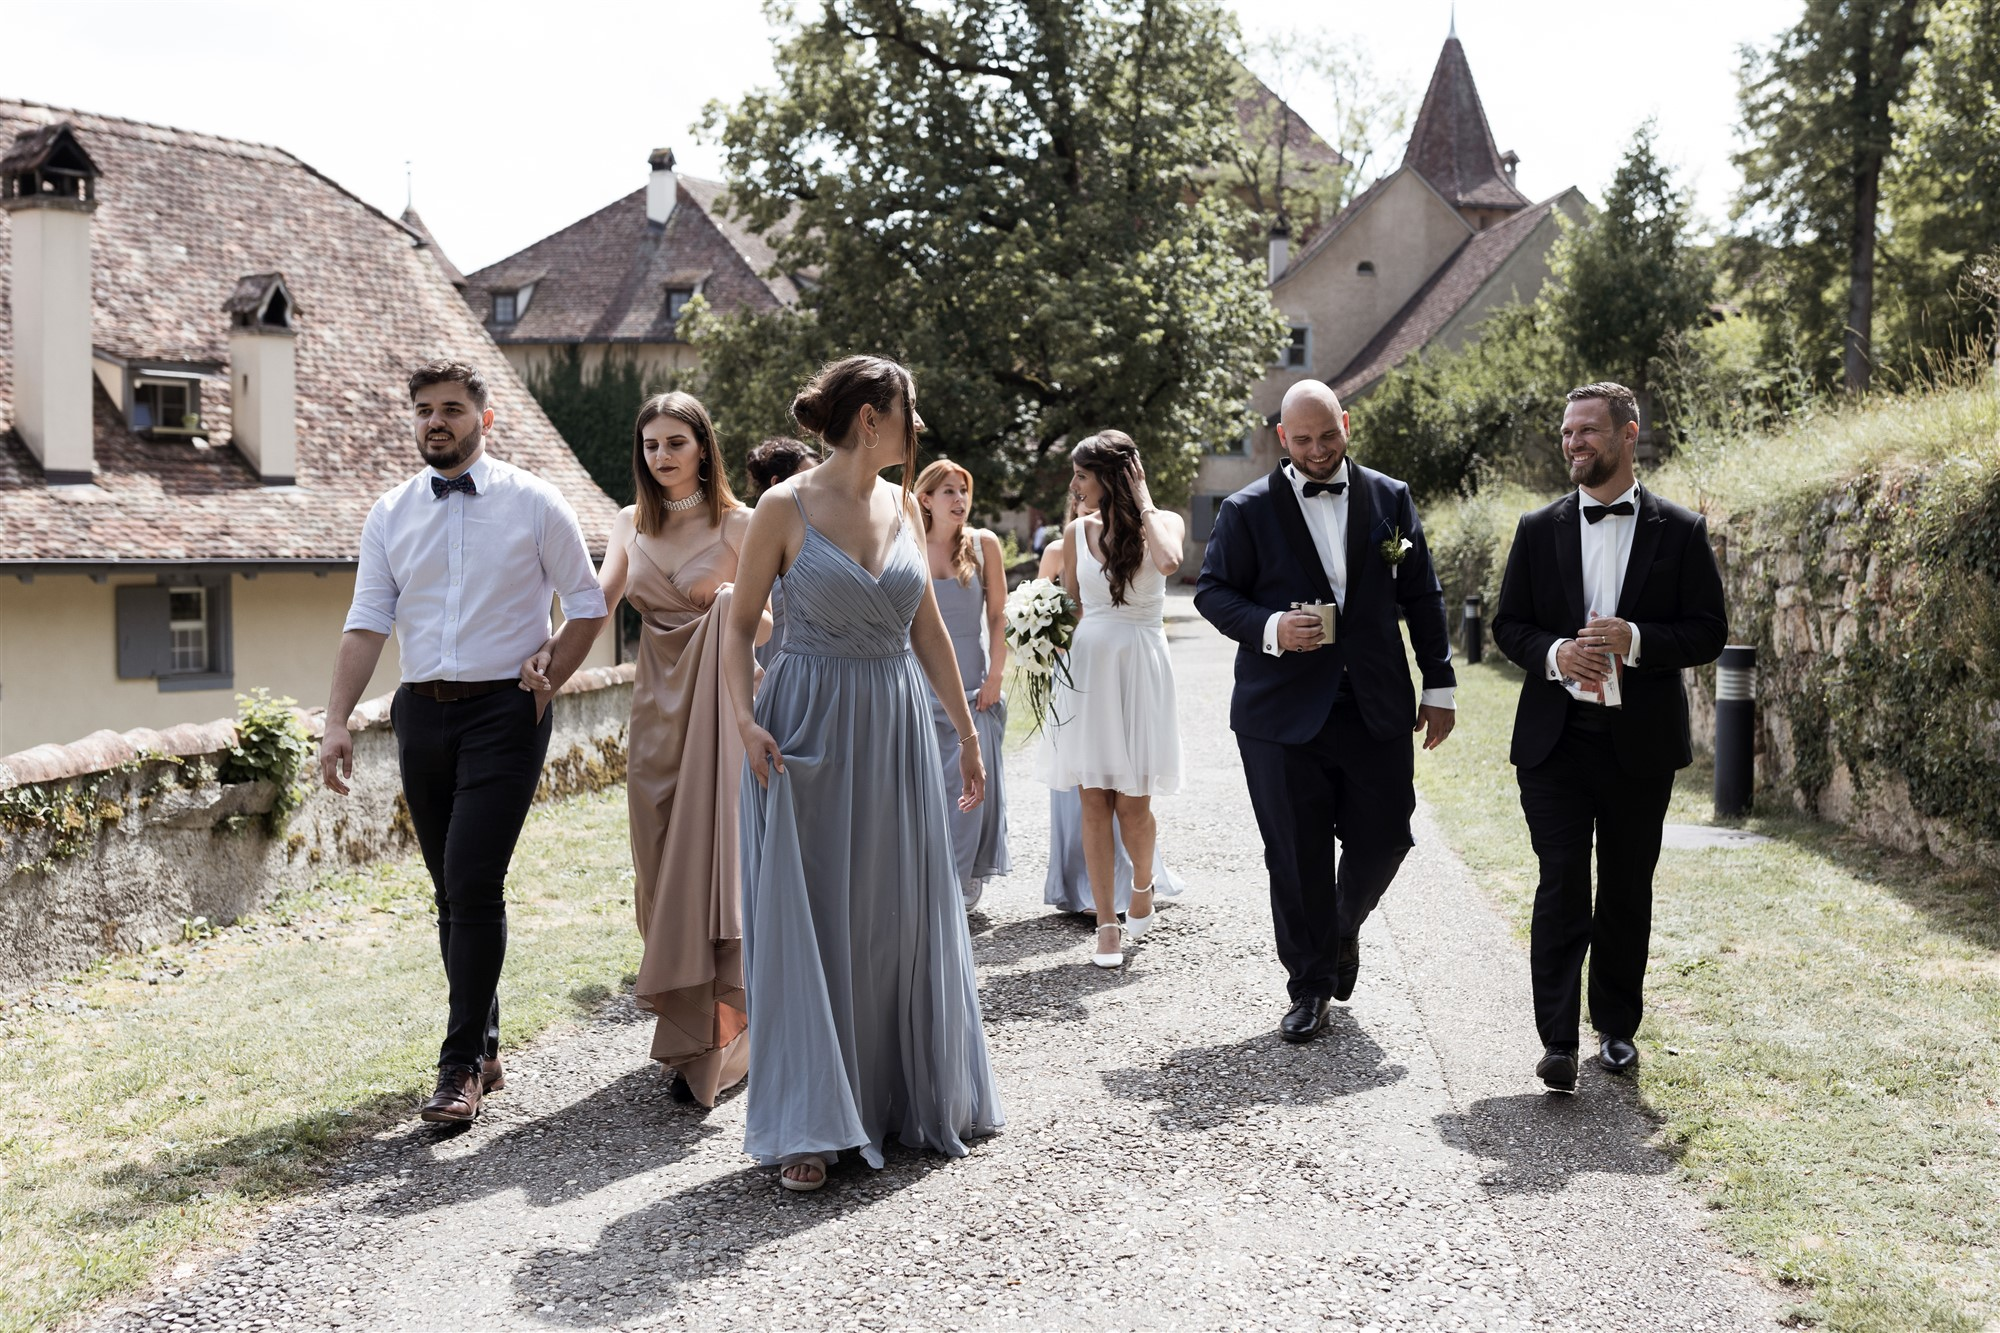 Hochzeit Schloss Wildenstein - Die Hochzeitsgesellschaft spazieren zur nächsten Location